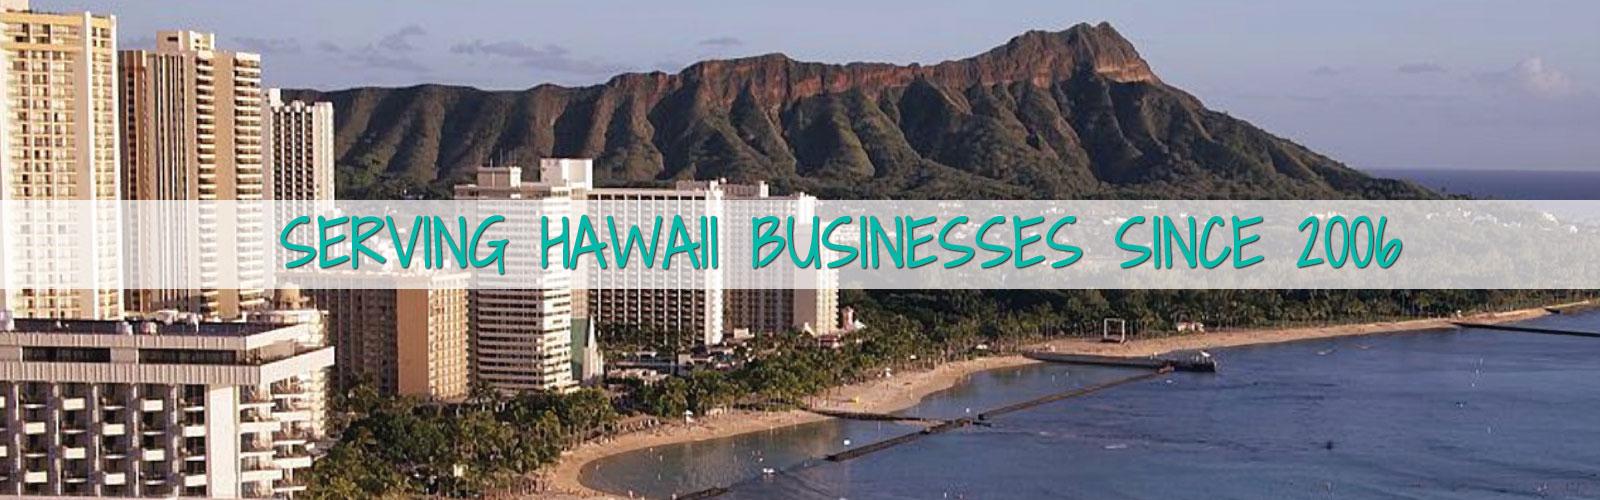 mystery-shopping-waikiki-hawaii